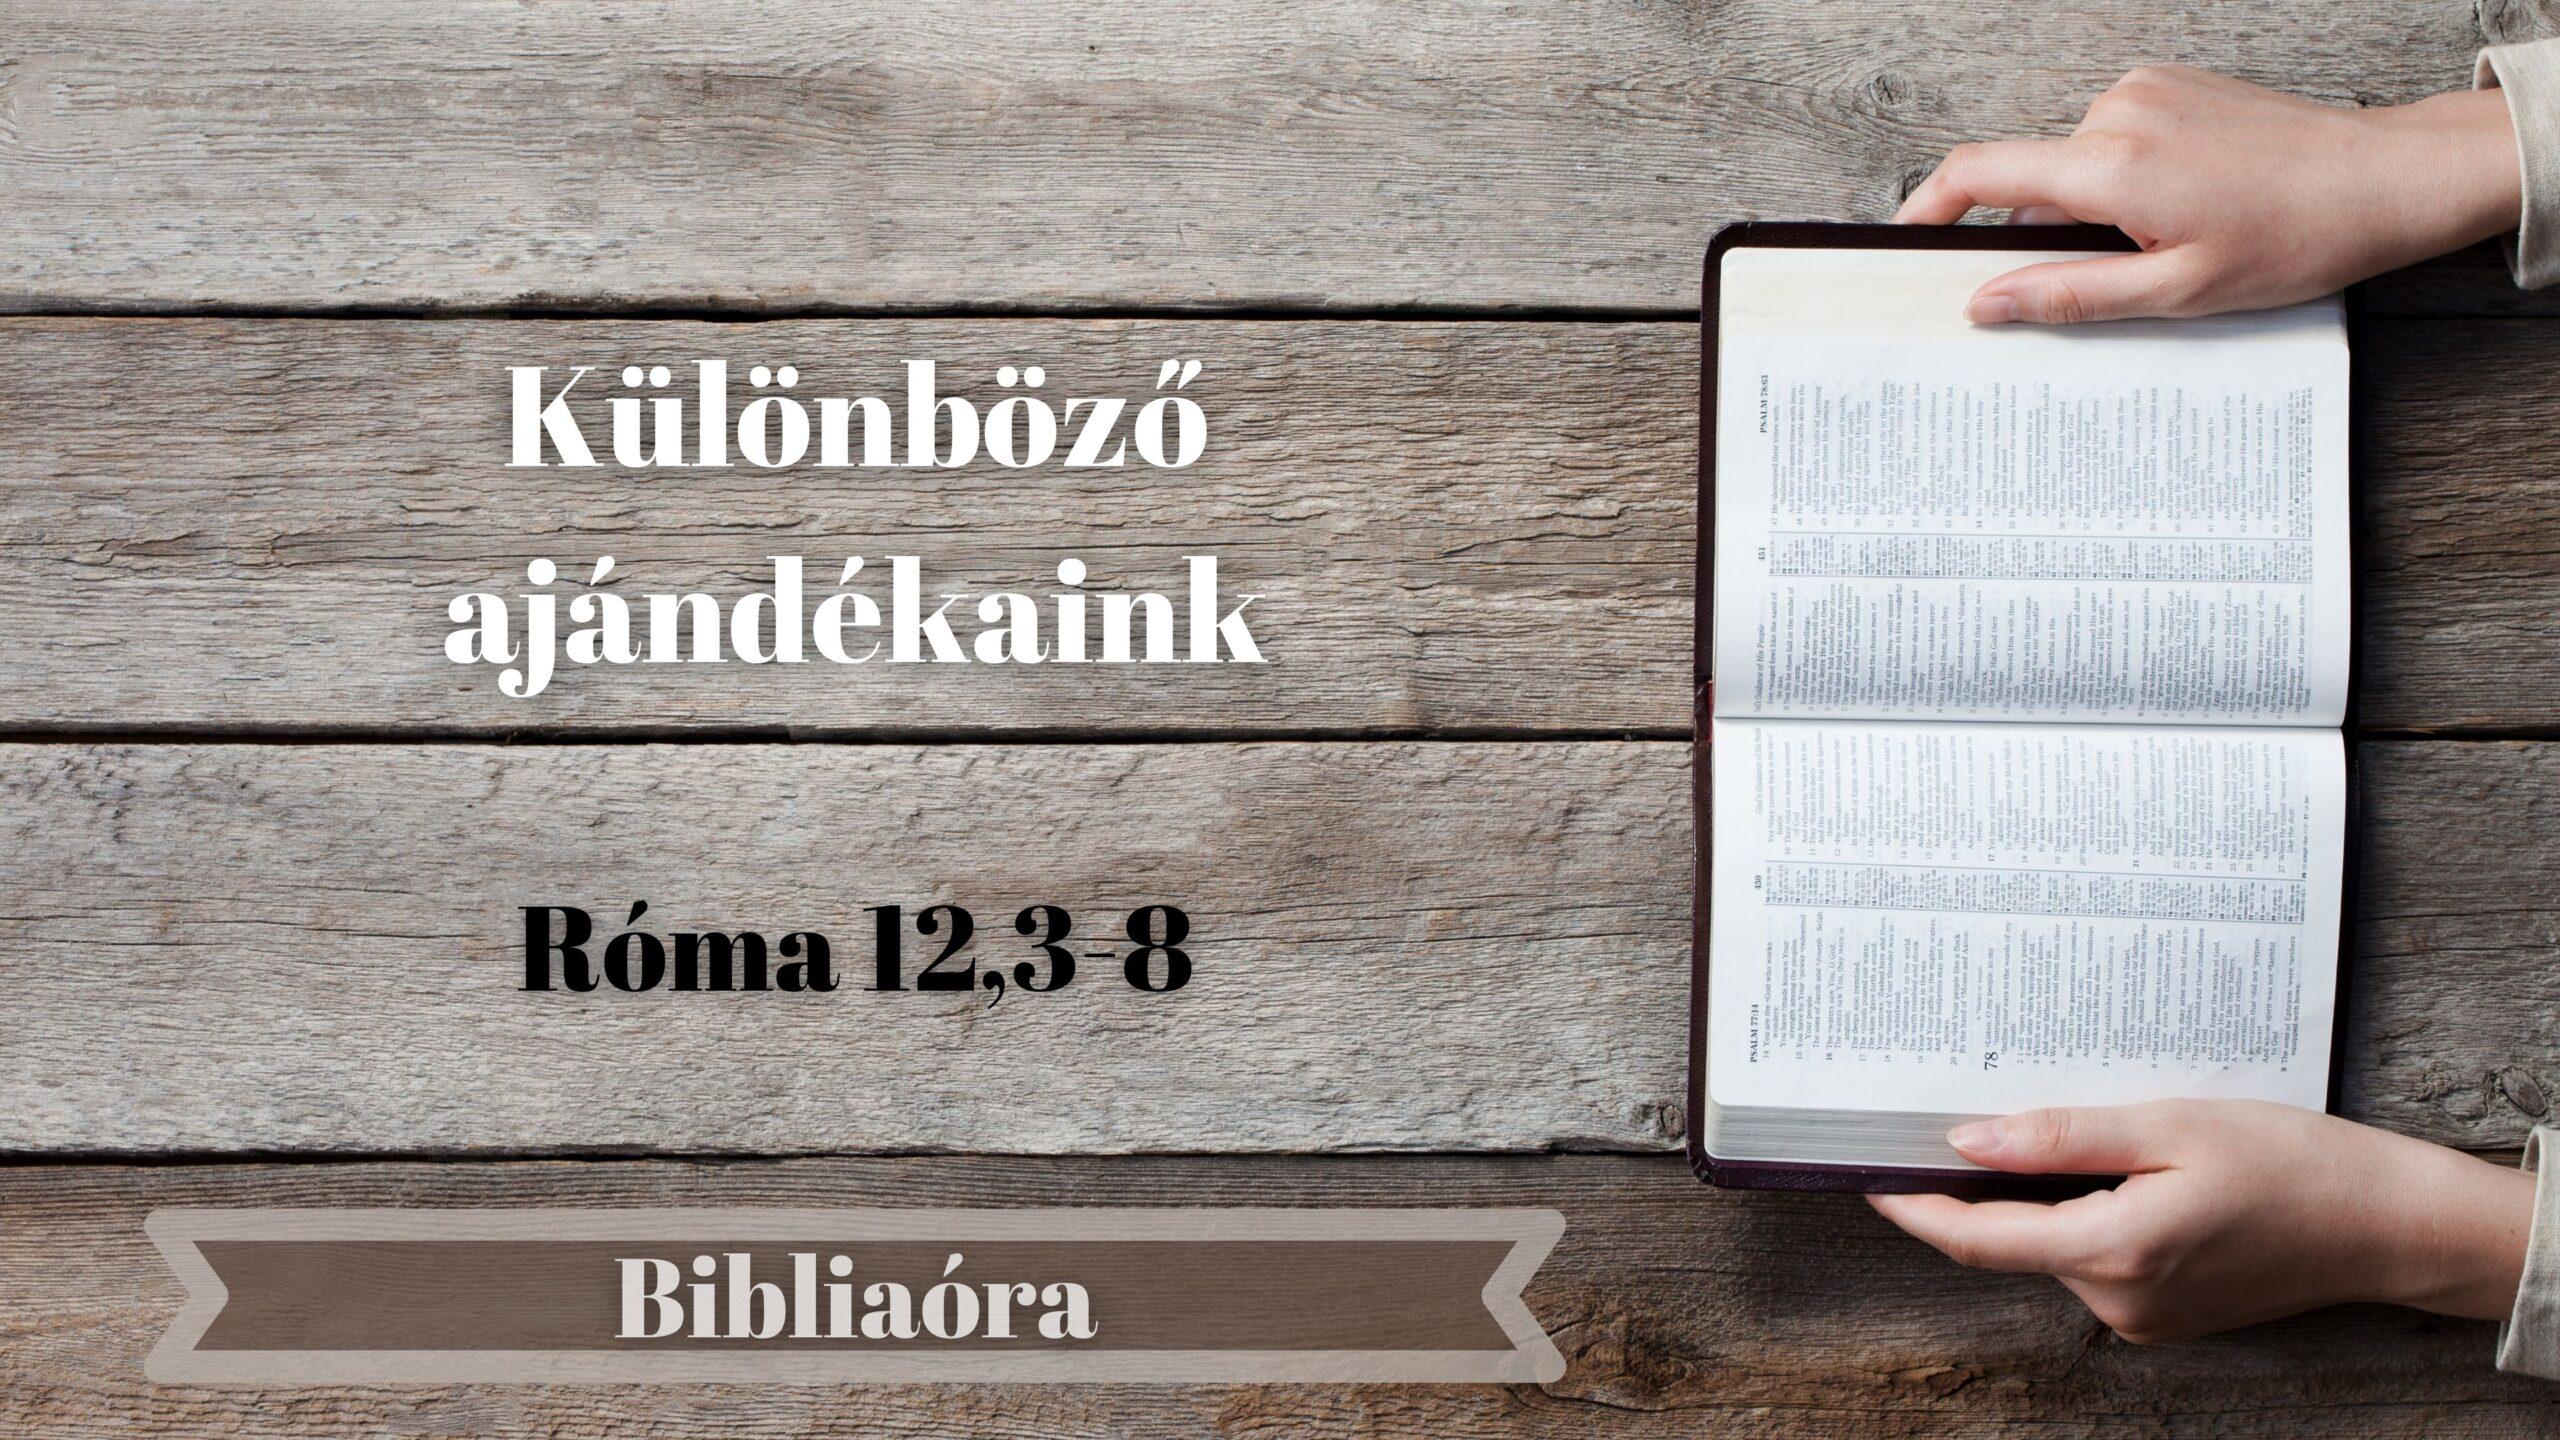 Bibliaóra: Különböző ajándékaink